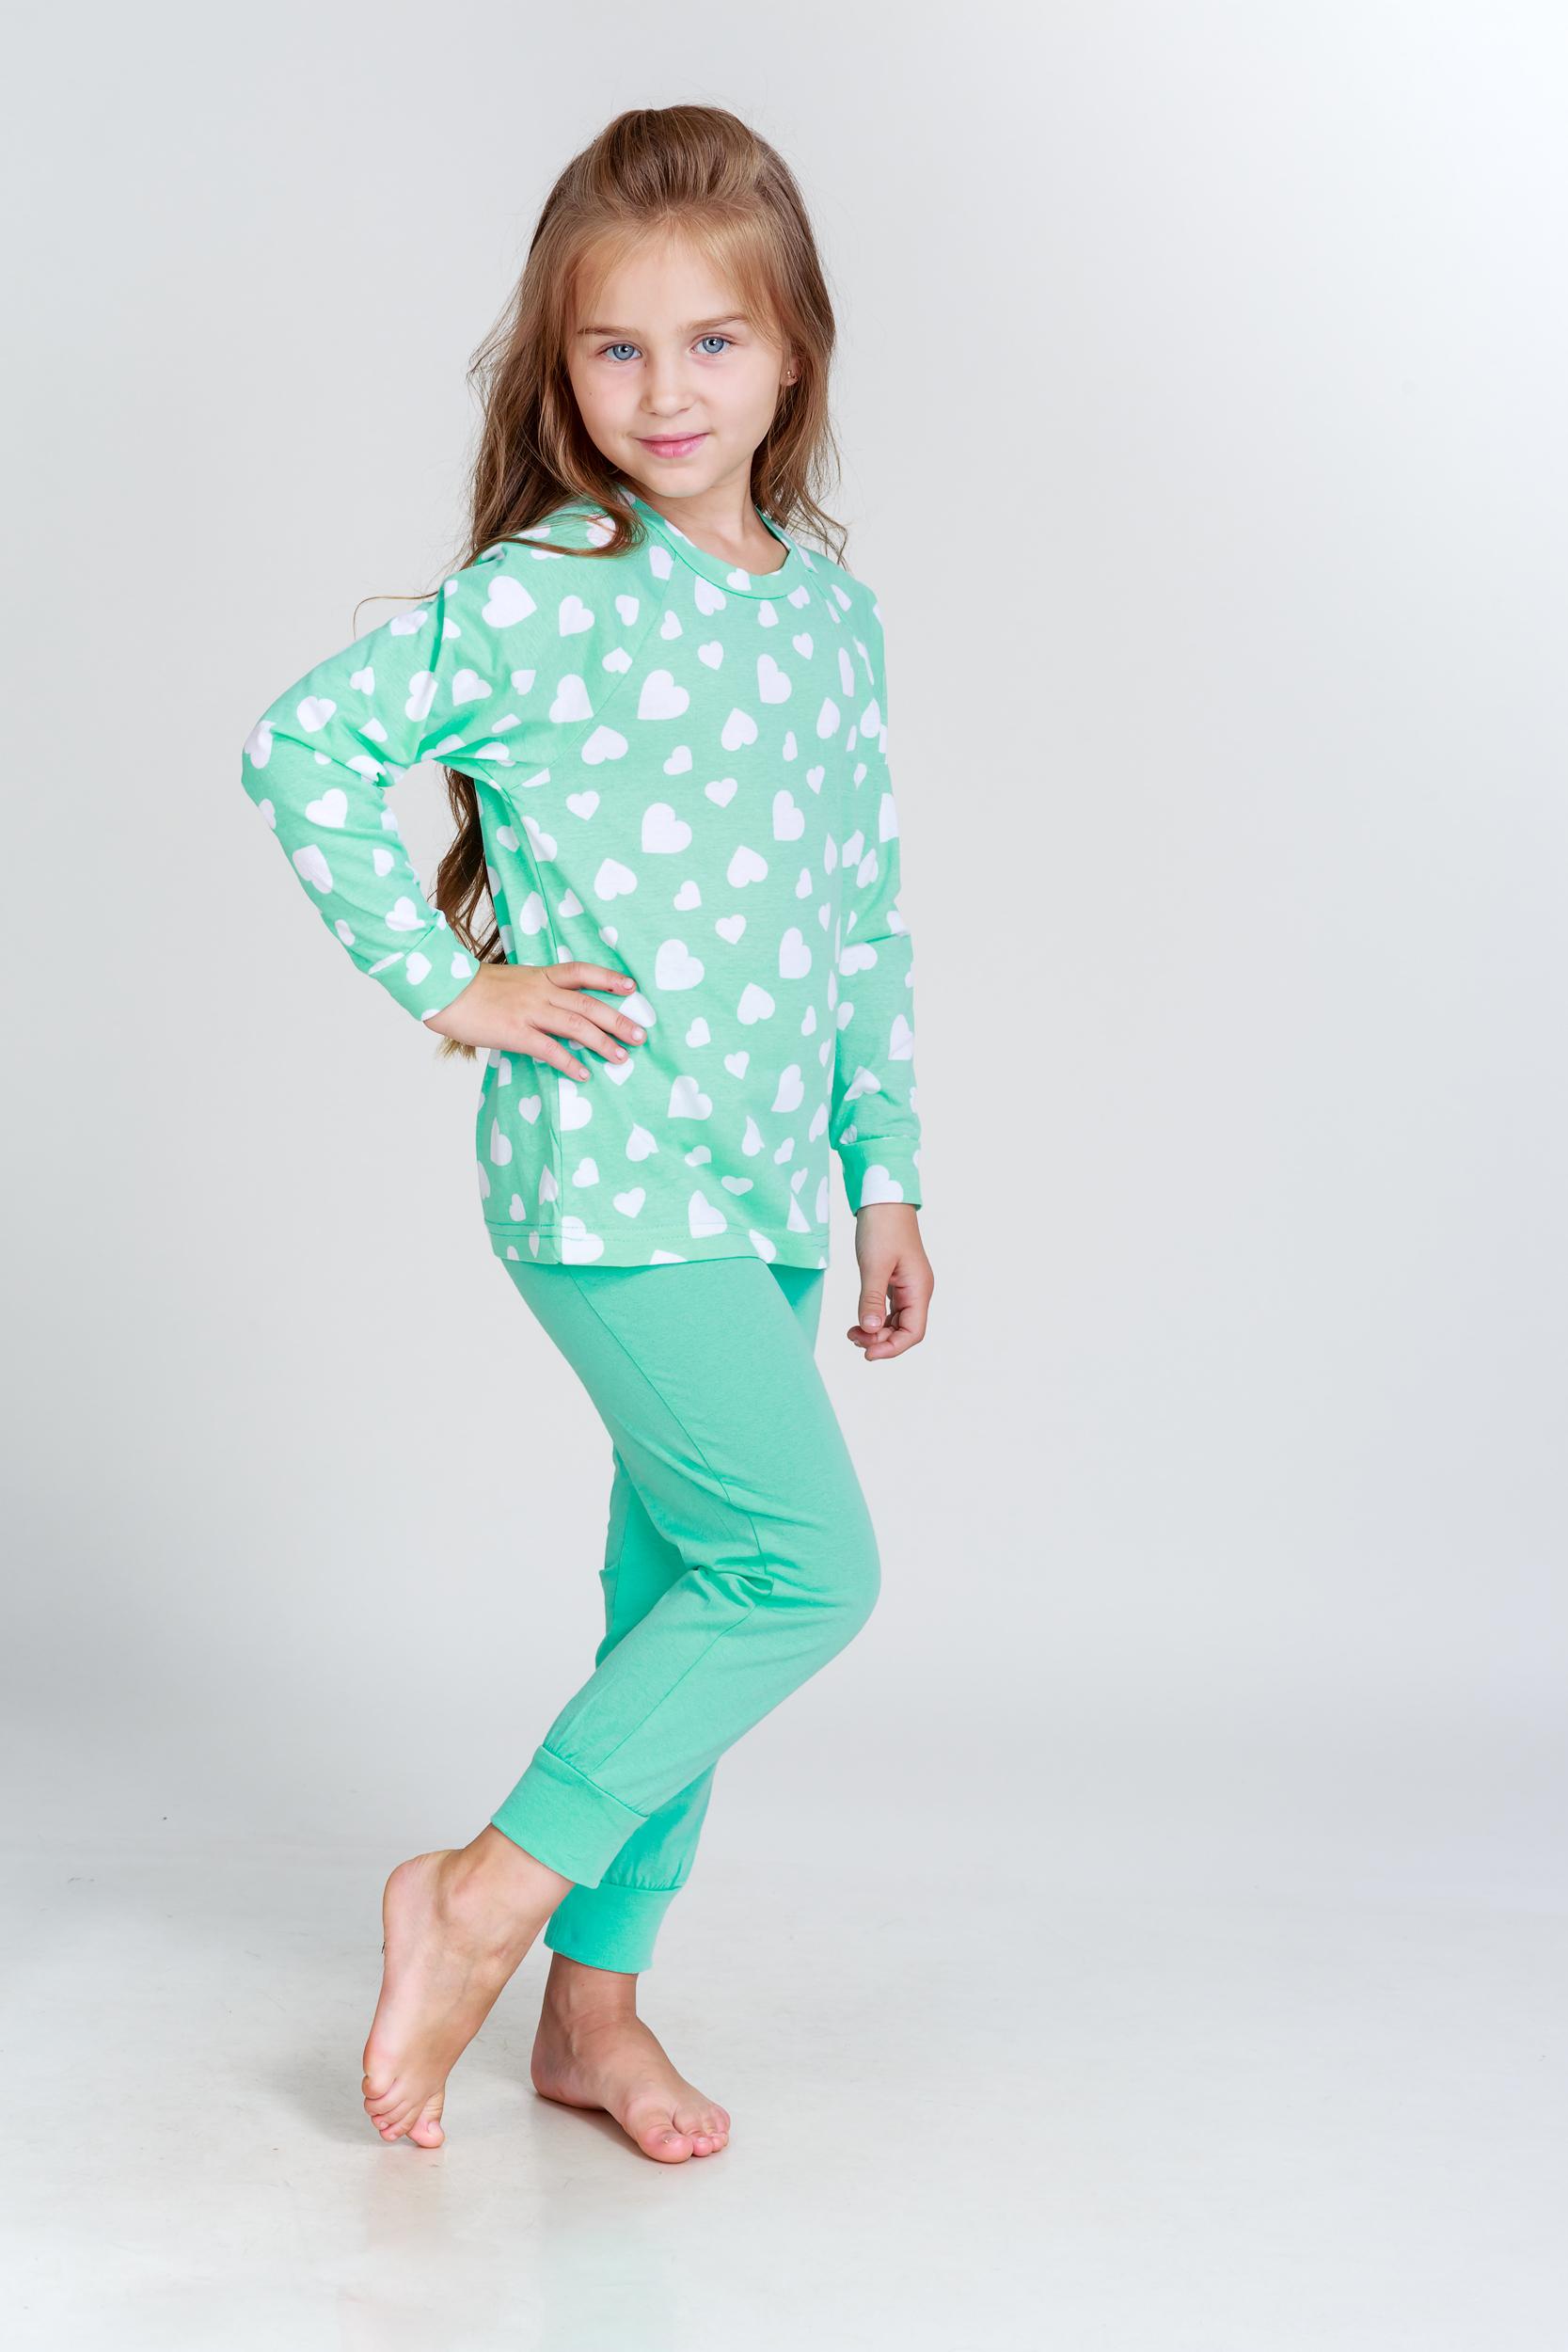 Детские пижамы Pastilla Детская пижама Стелла Цвет: Ментоловый (4-5 лет) детские пижамы pastilla детская пижама радуга цвет розовый 6 лет